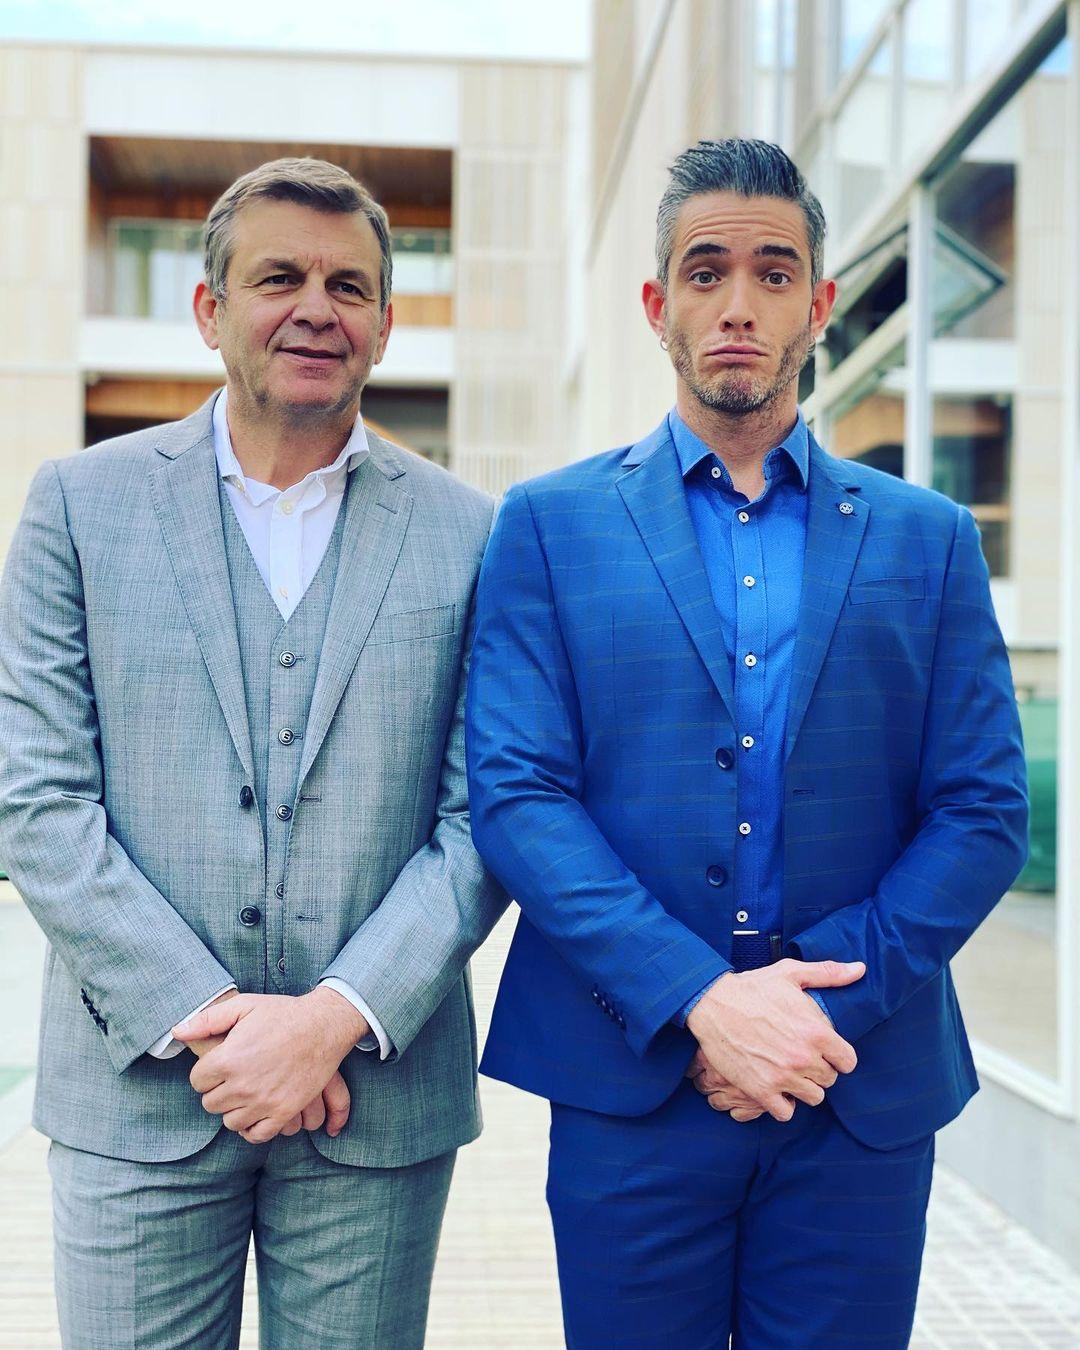 Θεοχάρης Ιωαννίδης: Όσα αποκάλυψε για τη νέα του εκπομπή στο Mega